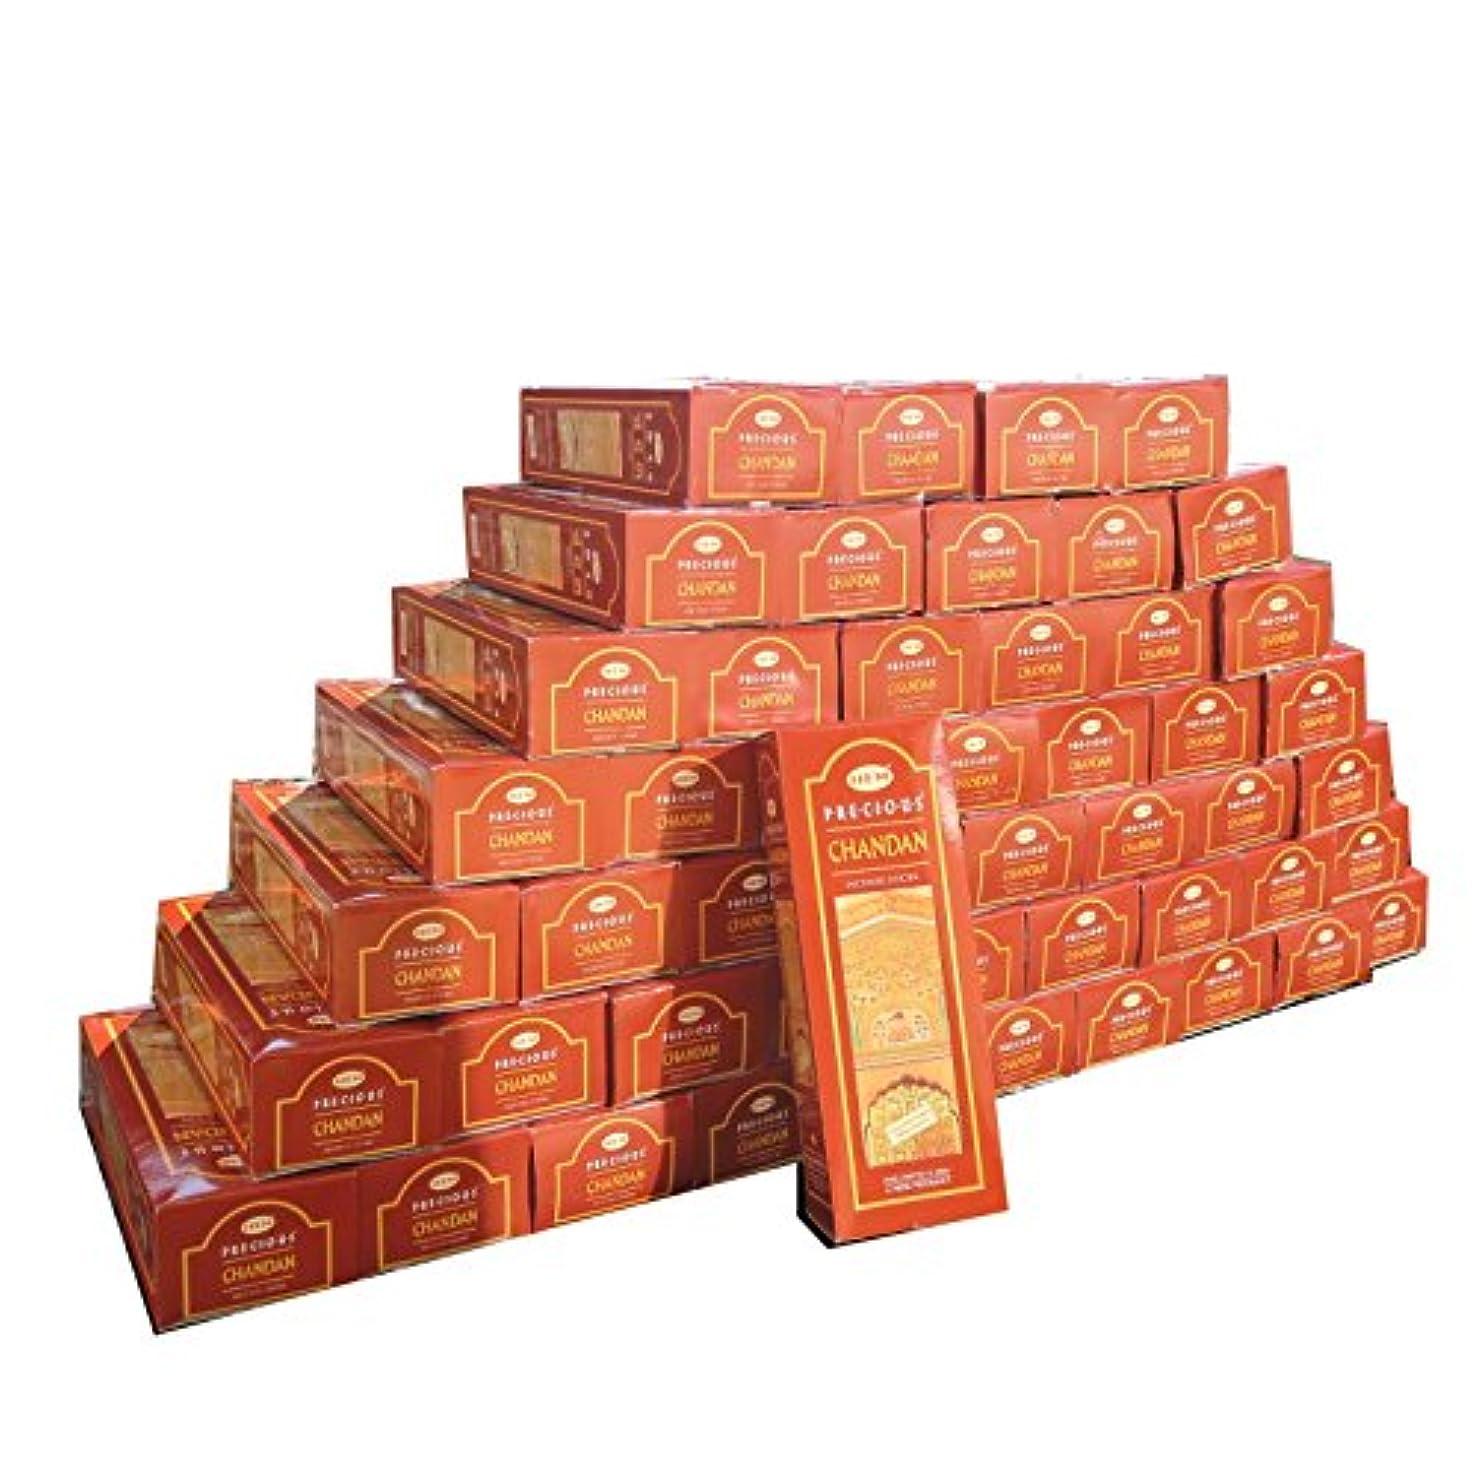 せがむ学部長パトワ業務用 インドスティック形お香 プレシャスチャンダン 300箱入り